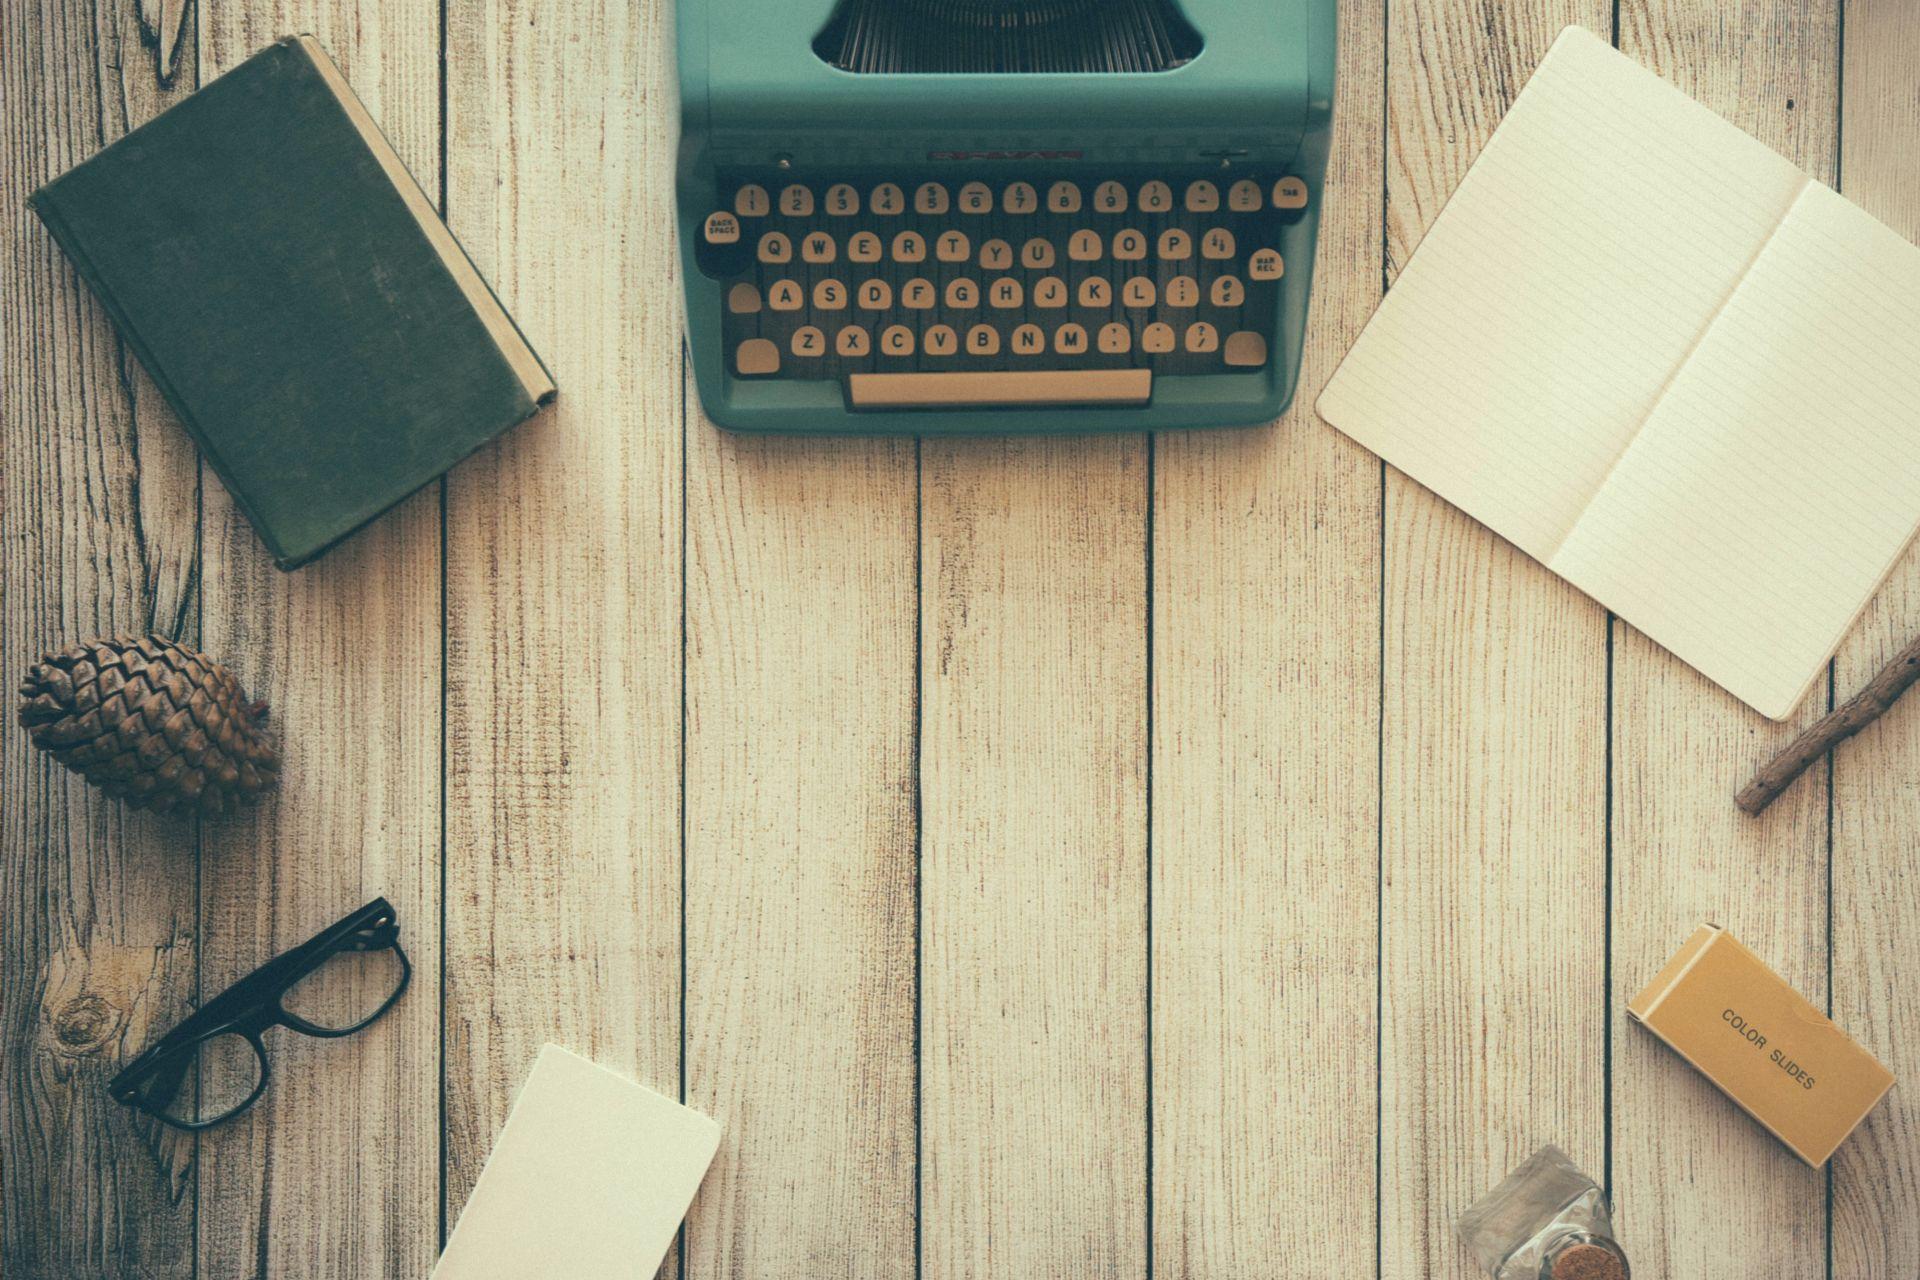 Lautalattialle ympyrään aseteltu kirjoituskone, vihko, puunoksa, pyyhekumi, lasipullo, muistilappu, silmlasit, käpy ja muistikirja.